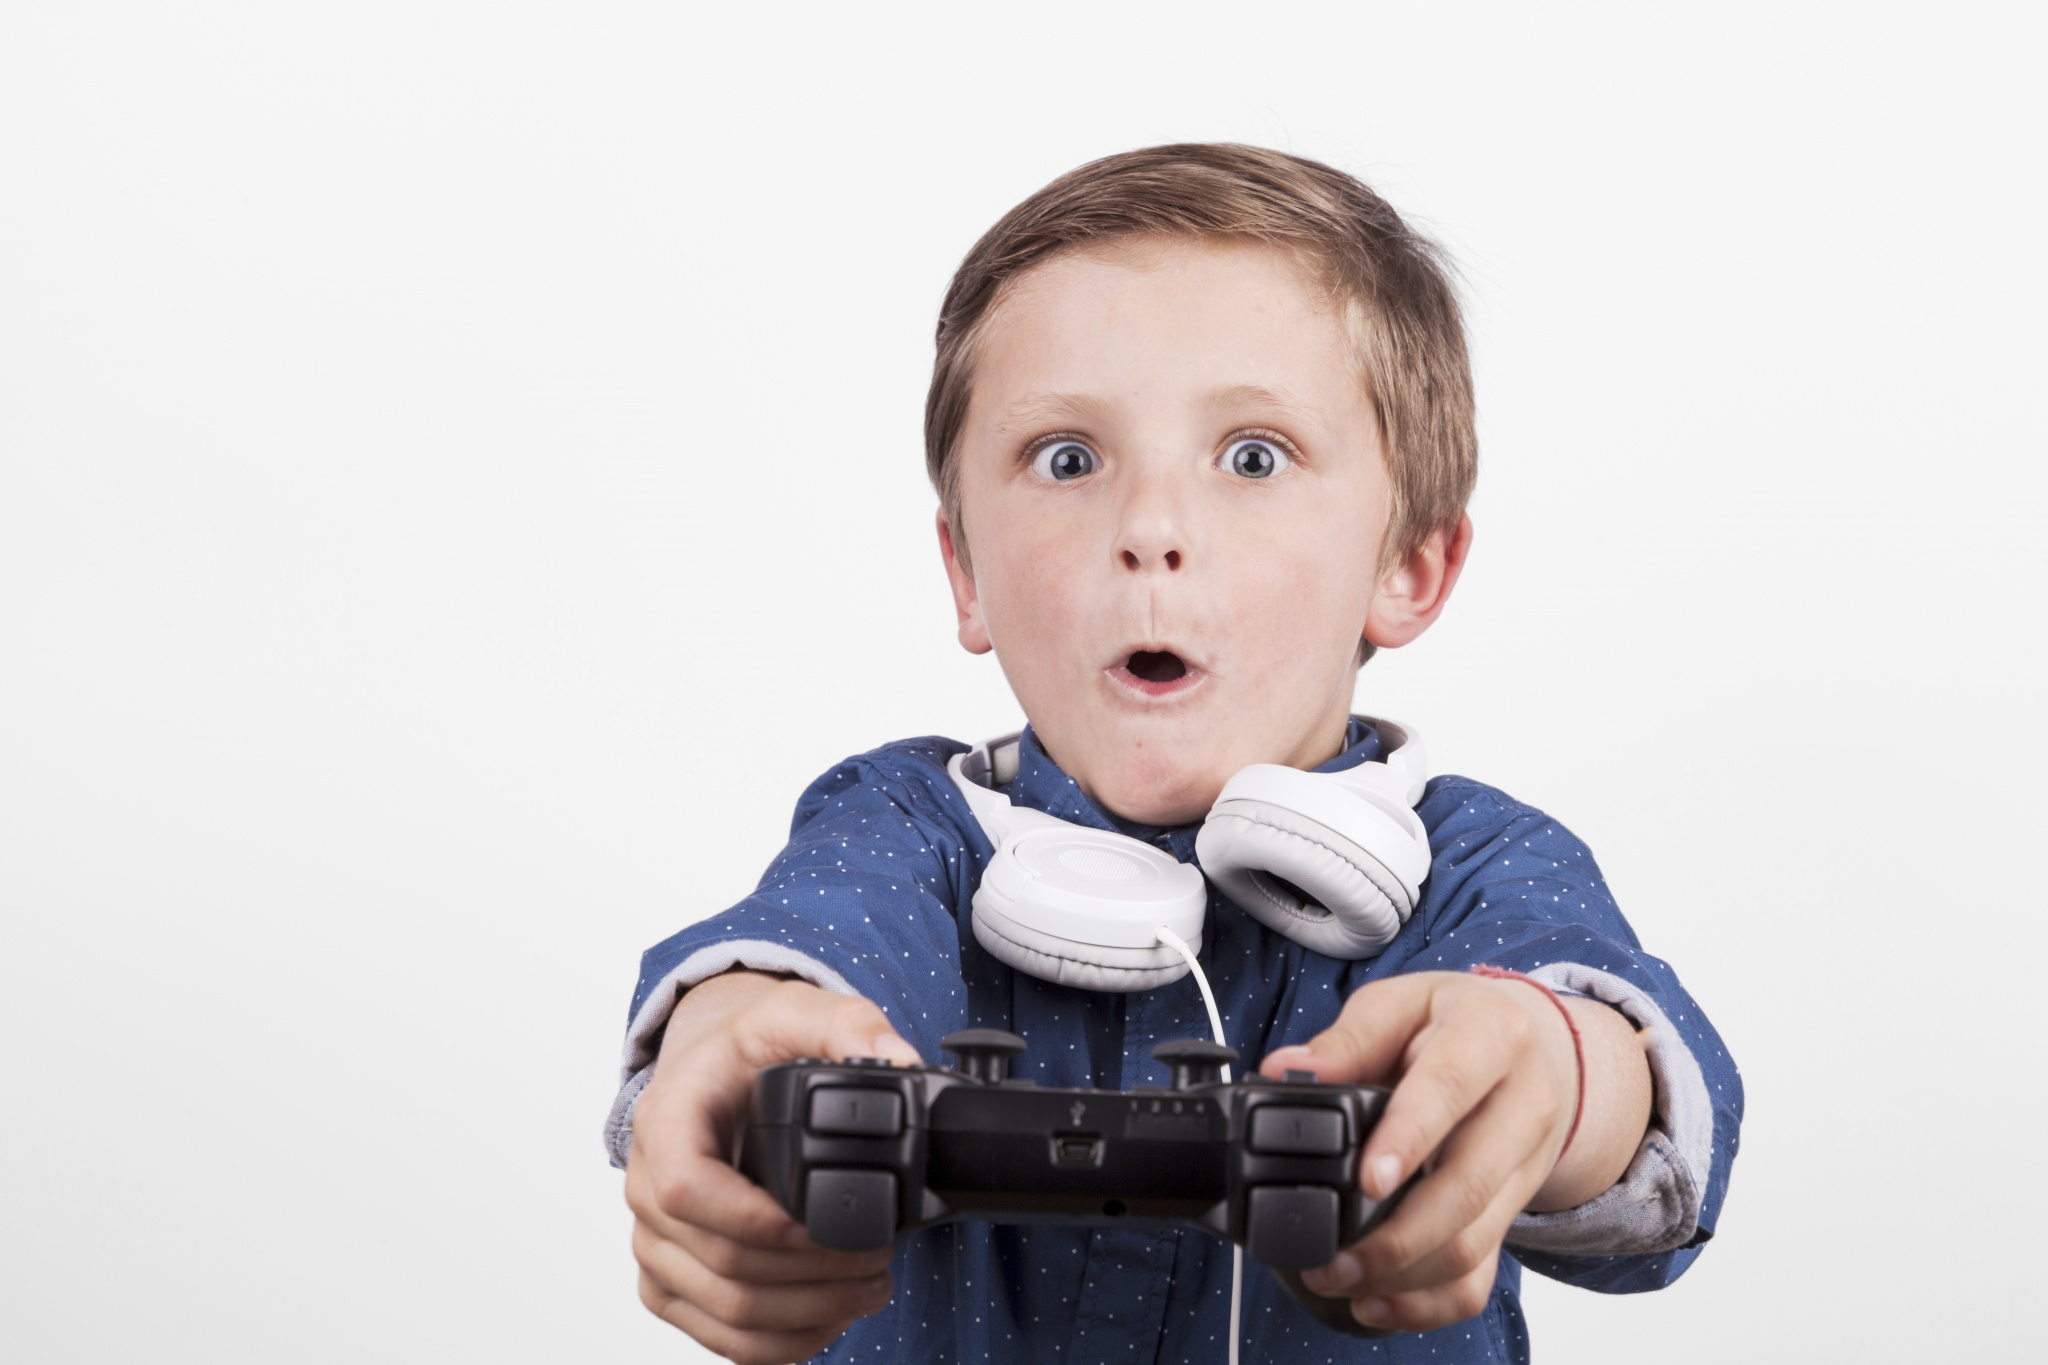 doblaje-videojuegos